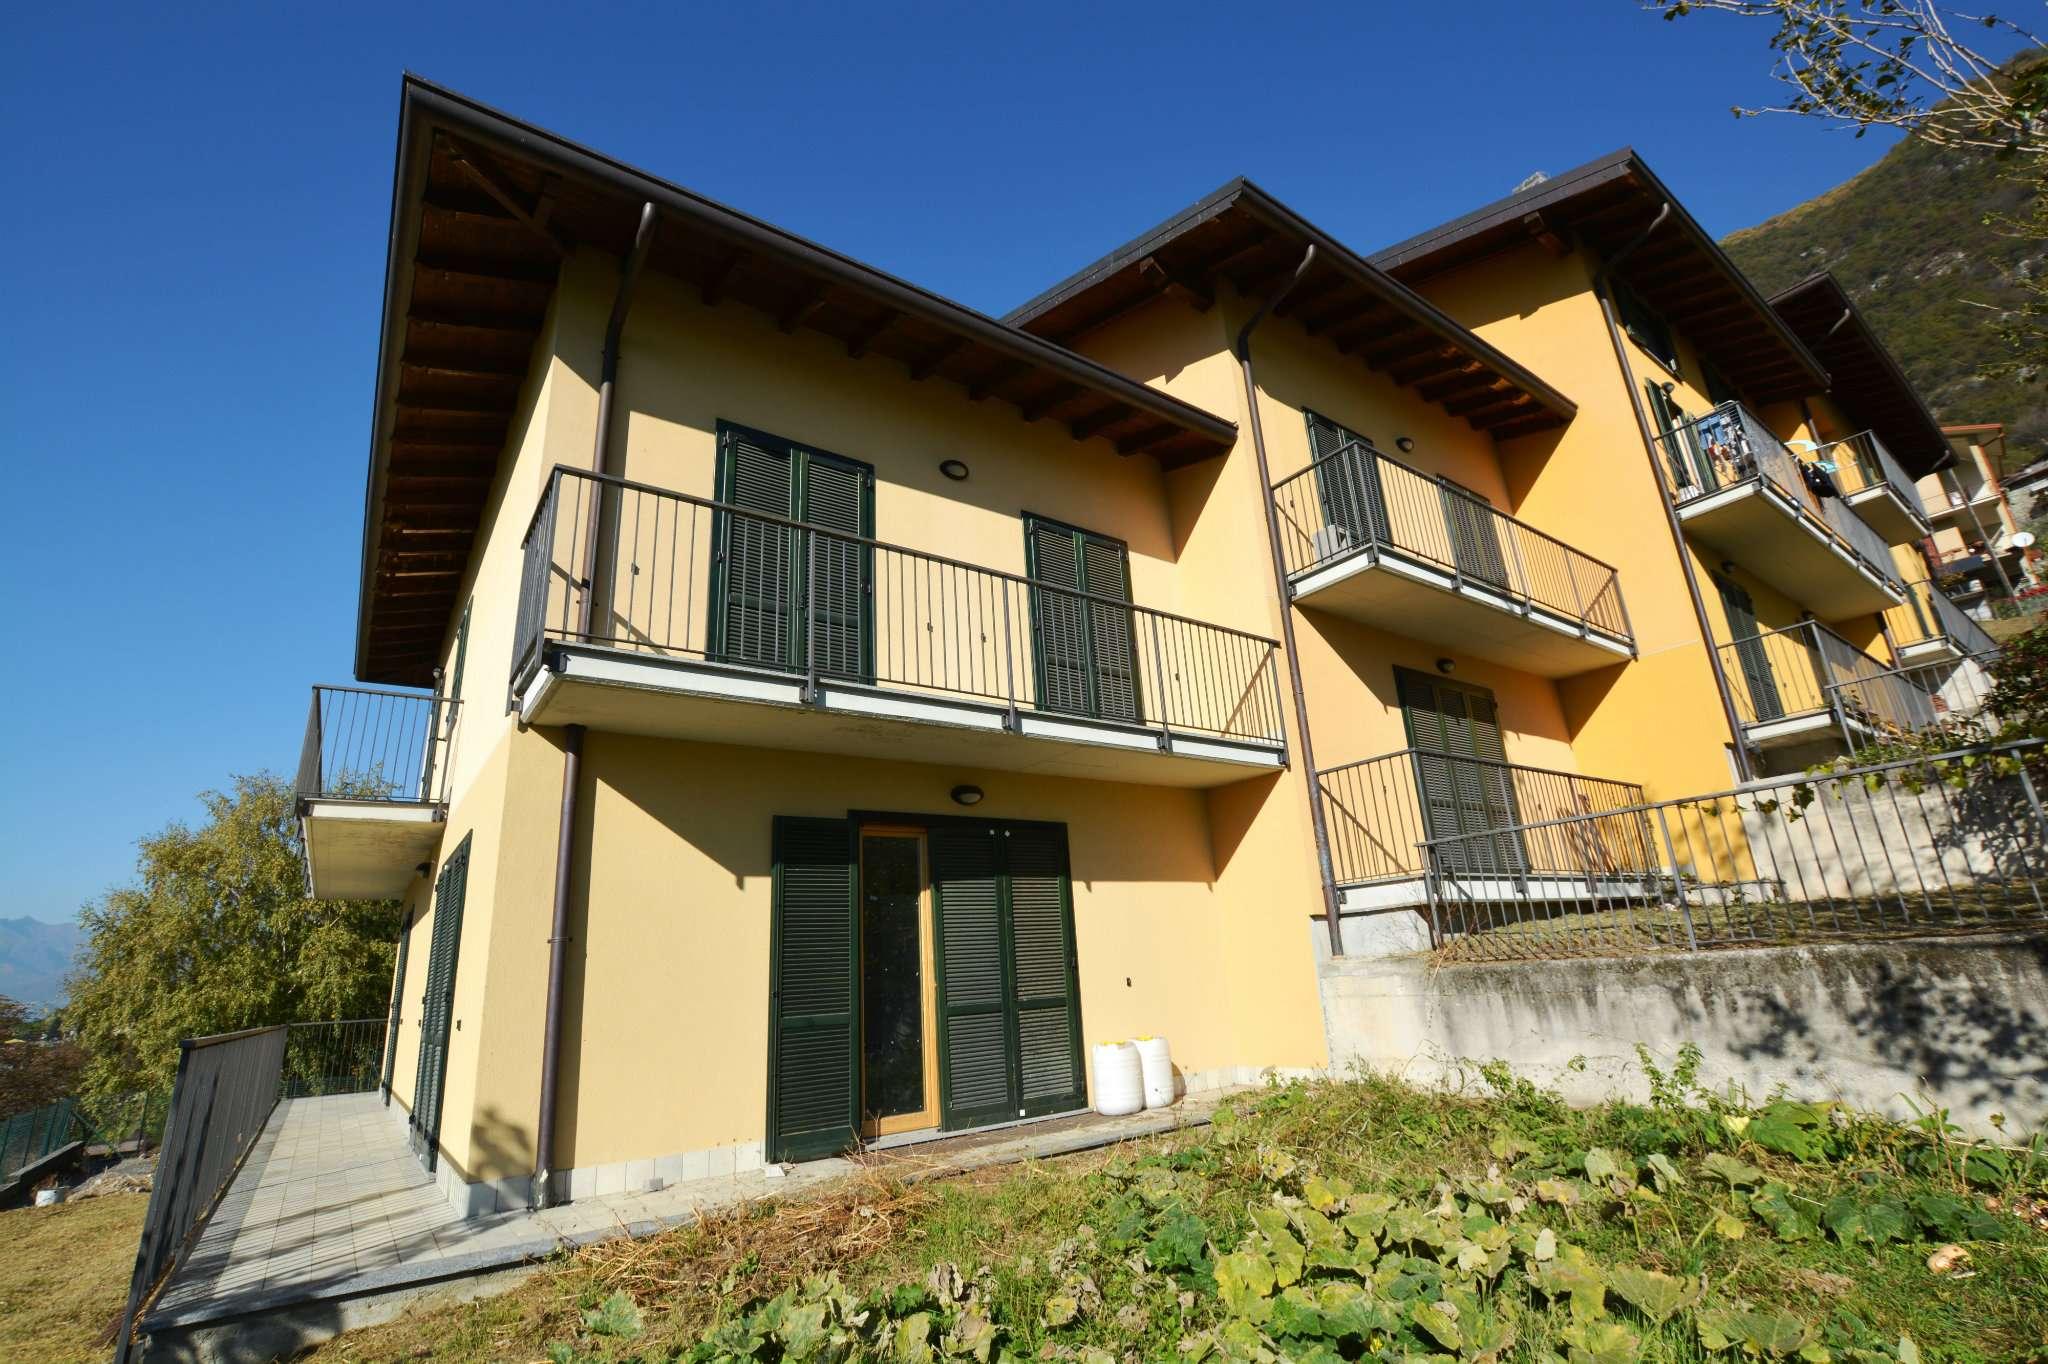 Appartamento in vendita a Morbegno, 3 locali, prezzo € 190.000 | CambioCasa.it